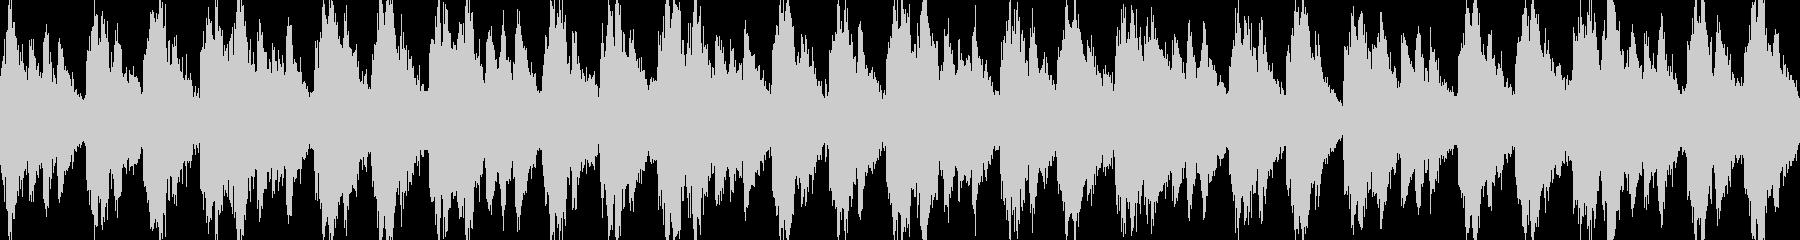 和風 巡礼 野山を足早にの未再生の波形